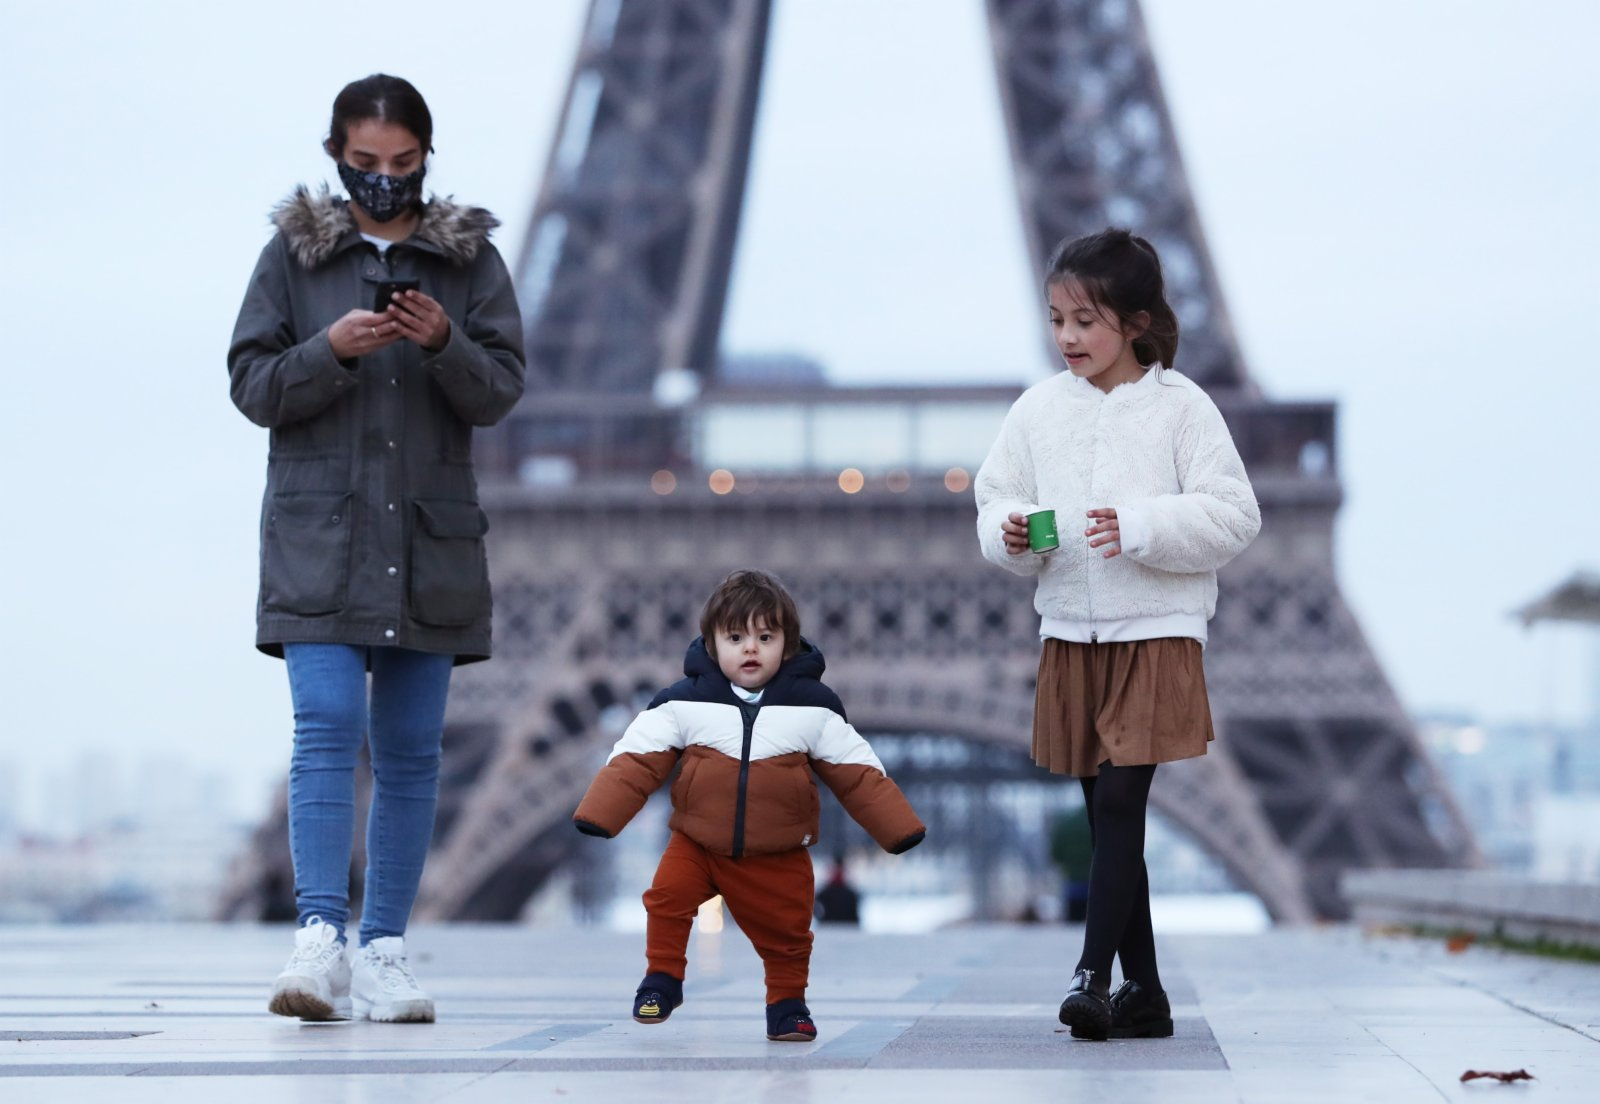 11月16日,一位母親帶着孩子在法國巴黎埃菲爾鐵塔附近的特羅卡德羅廣場散步。